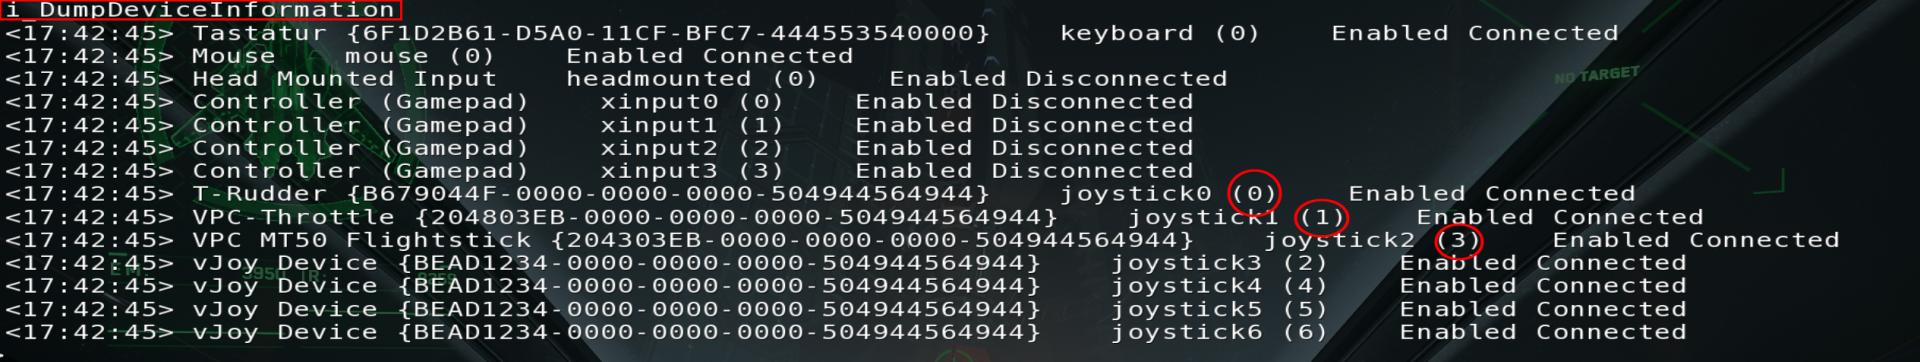 Joystick-IDs.thumb.PNG.213246728afd3d1d7696a1b4de8313be.PNG